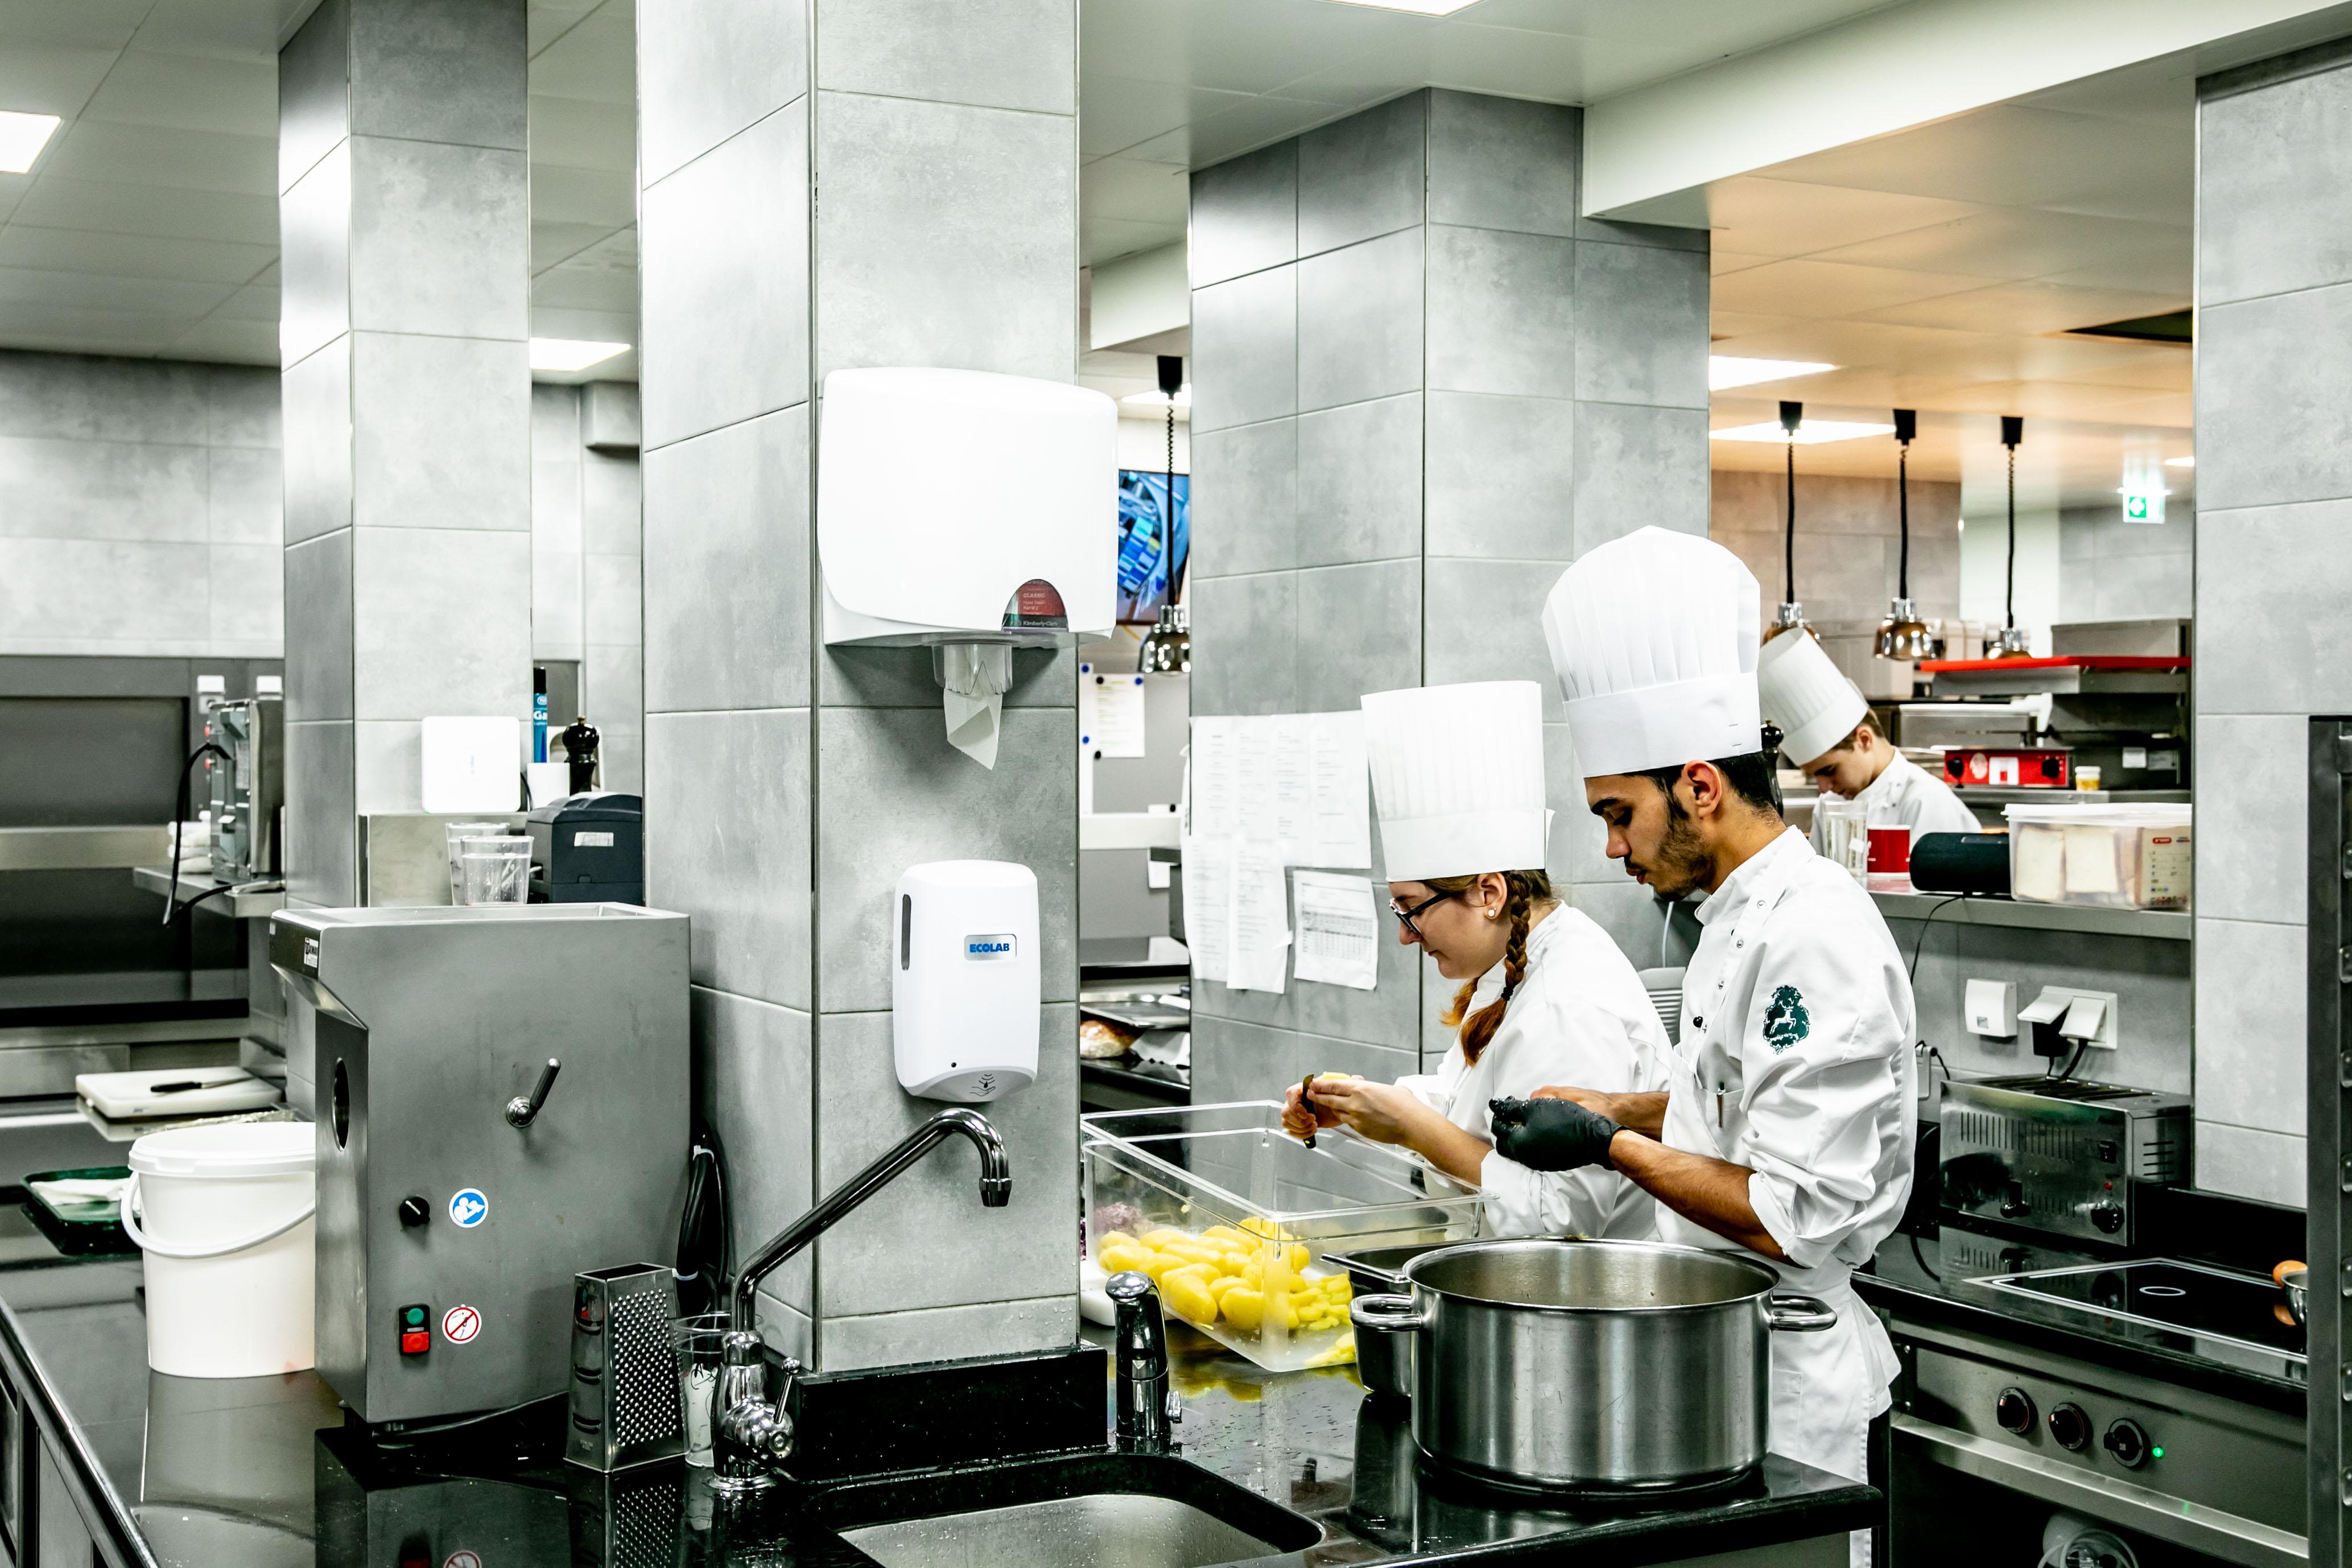 Modernste großzügige Küchentechnik.  ©www.wildbild.at